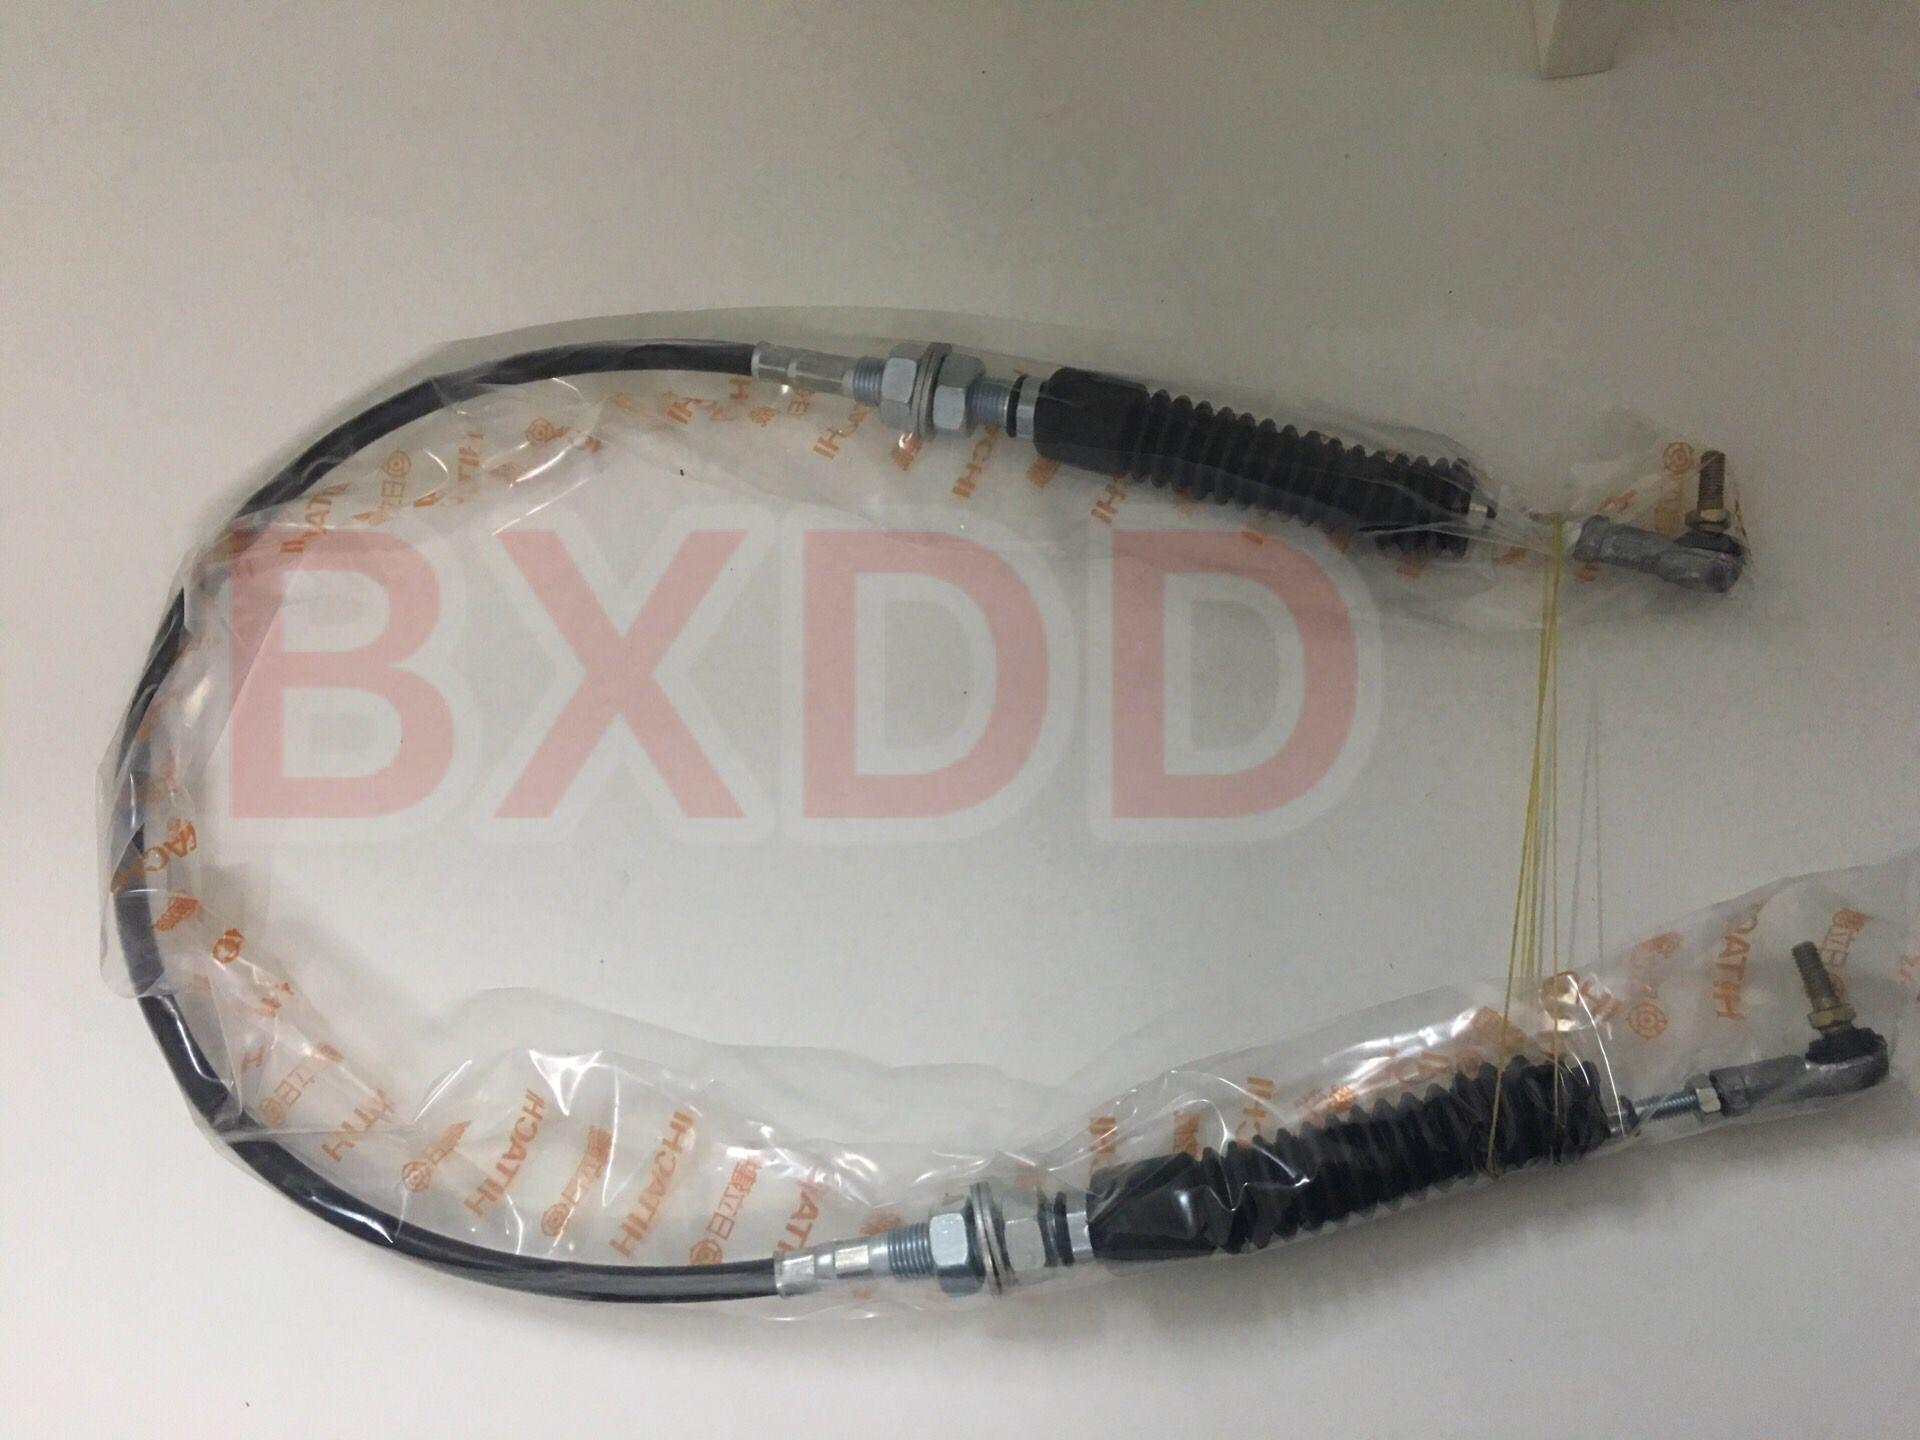 4259859 EX120-2 Hitachi Excavator Throttle Cable Excavator spare parts  Hitachi ZX240 Excavator Throttle Cable 4437891